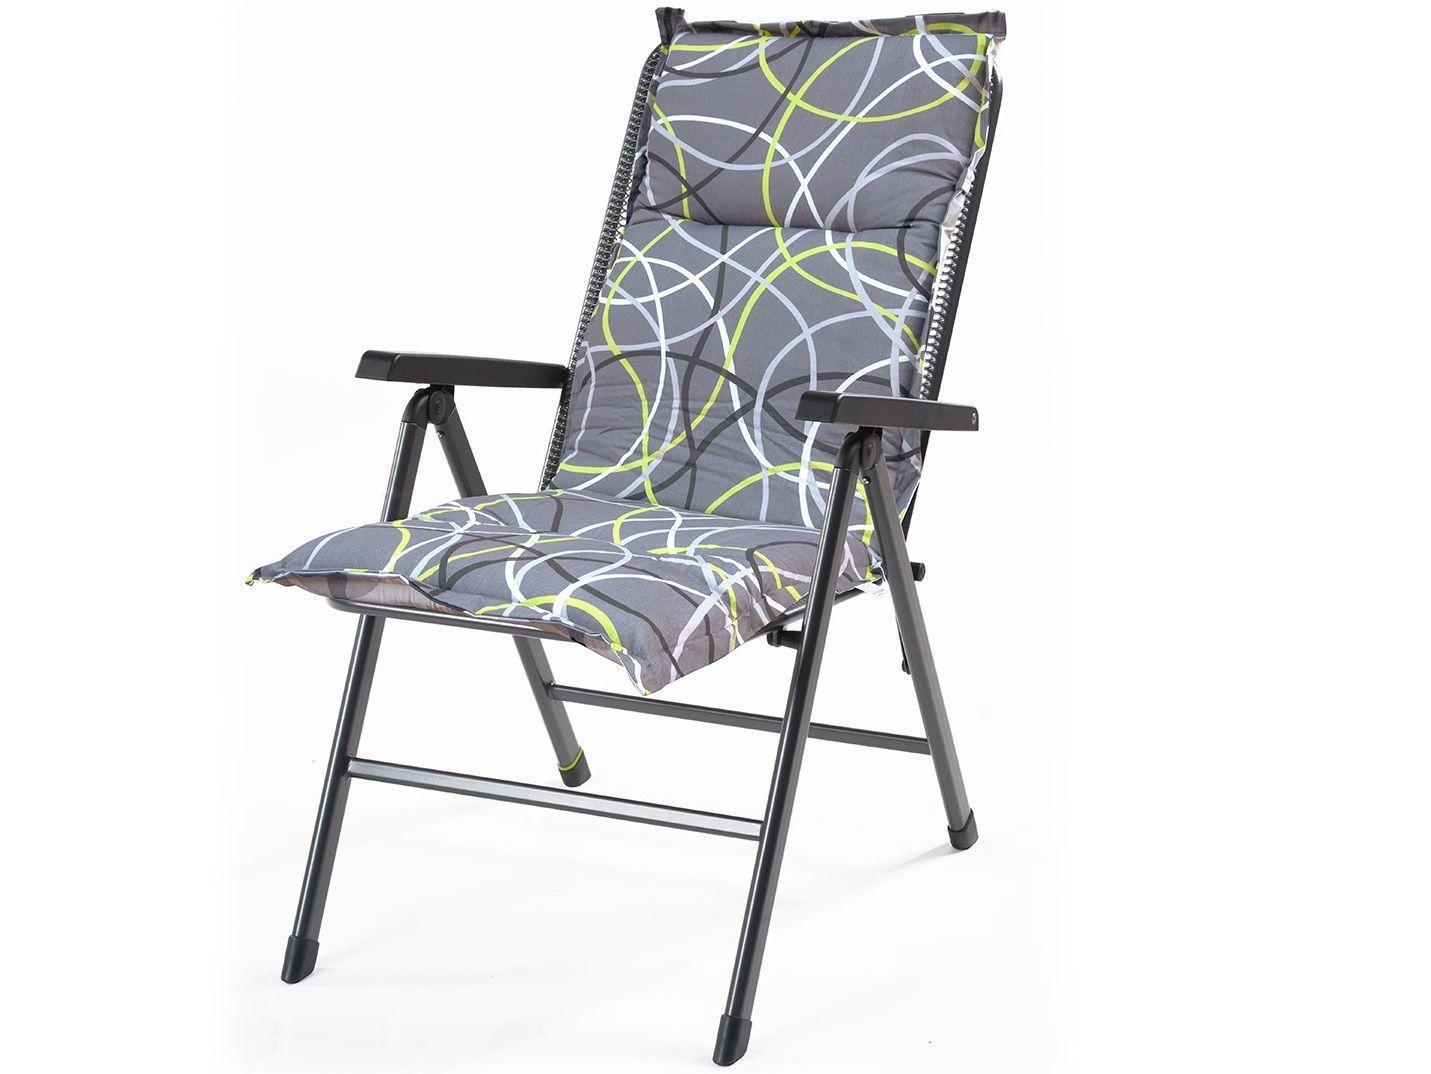 Polstr pro klasické židle Creador Hartman grey - 120 x 50 x 6 cm (HTM-grey-120x50x6)